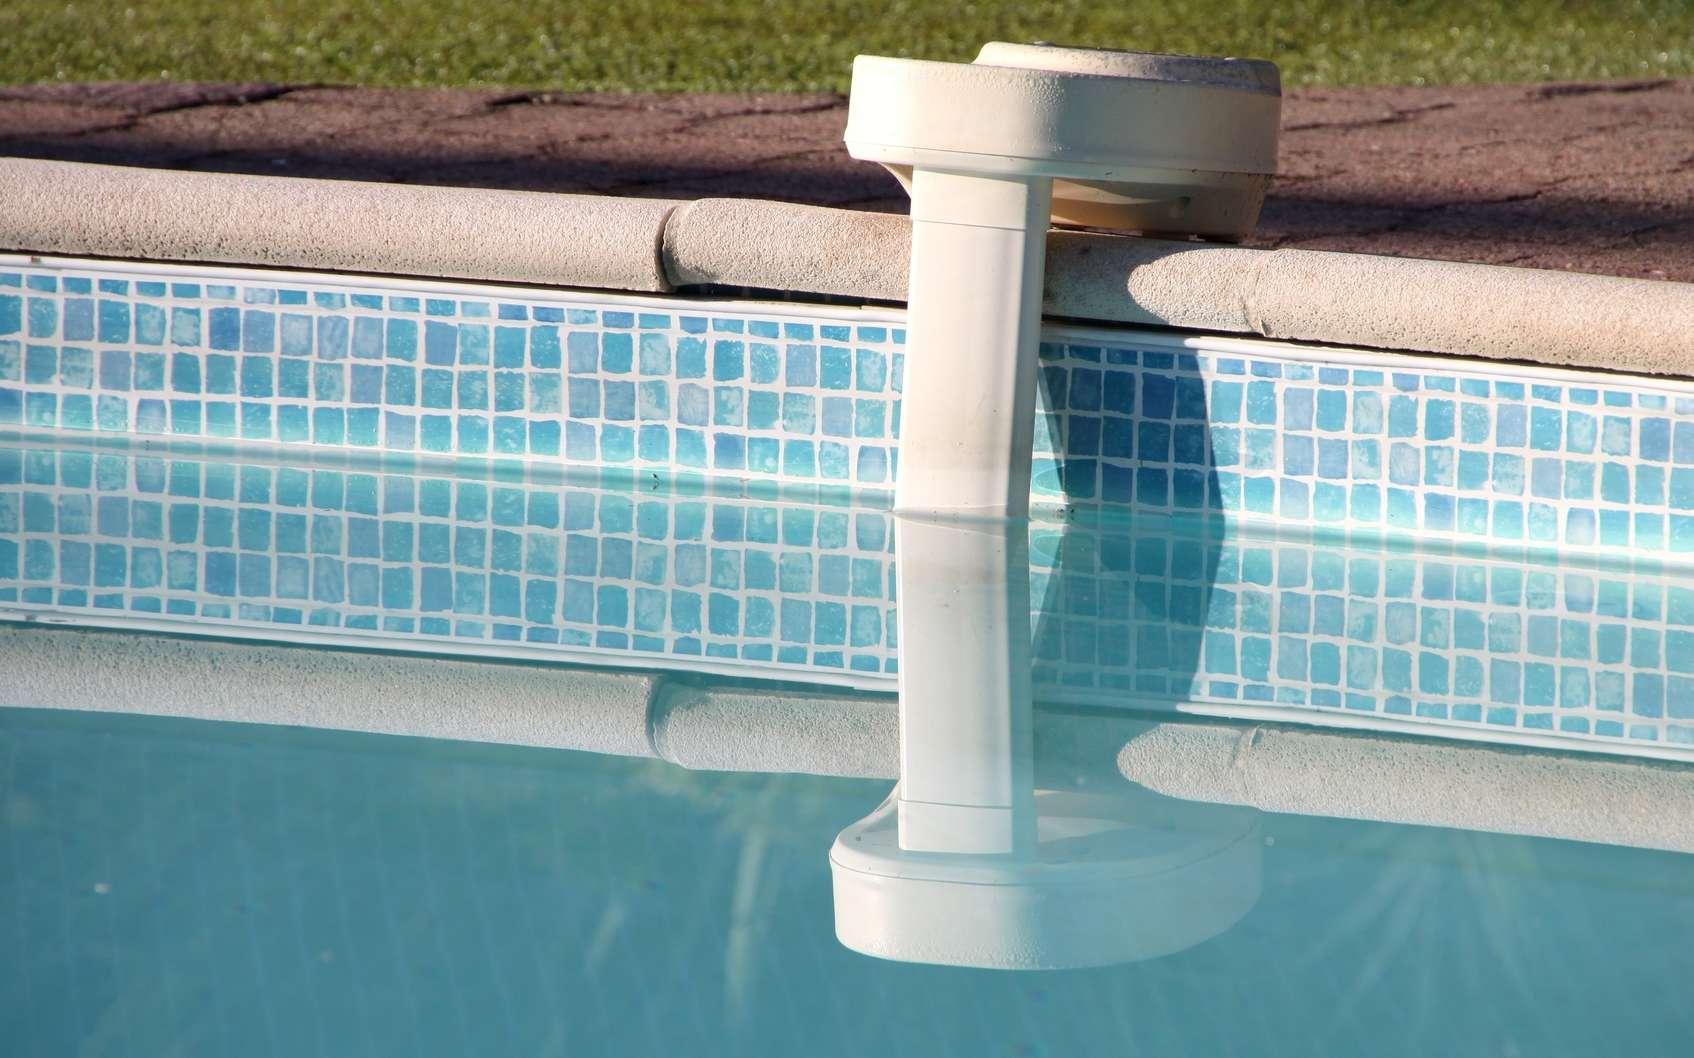 Robot Piscine Plan De Campagne les différents types d'alarmes de piscine